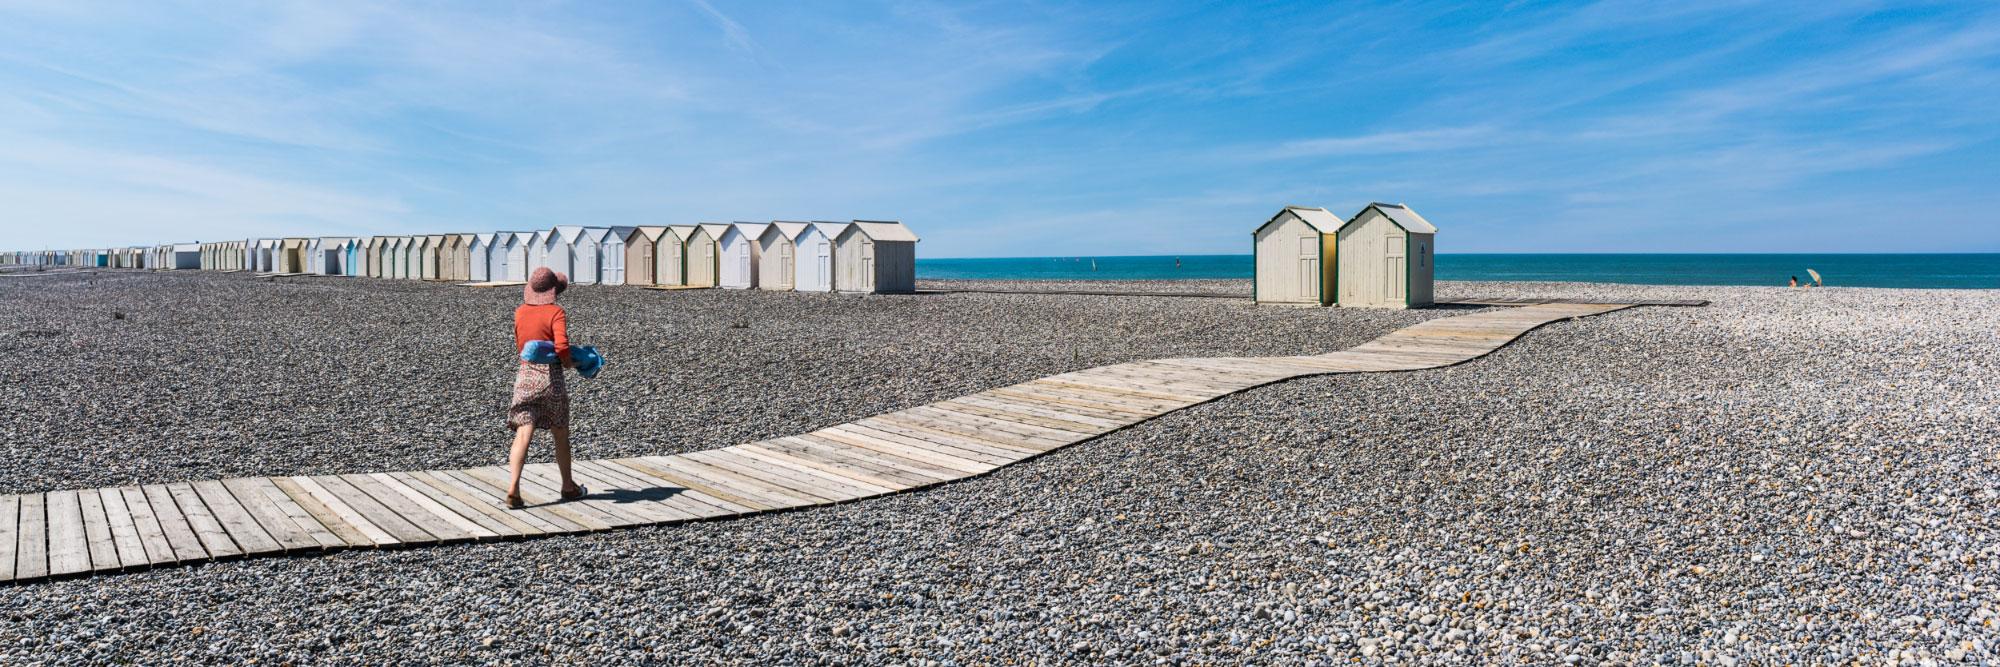 Chemin de planches et cabines de bains, Cayeux-sur-Mer, Manche